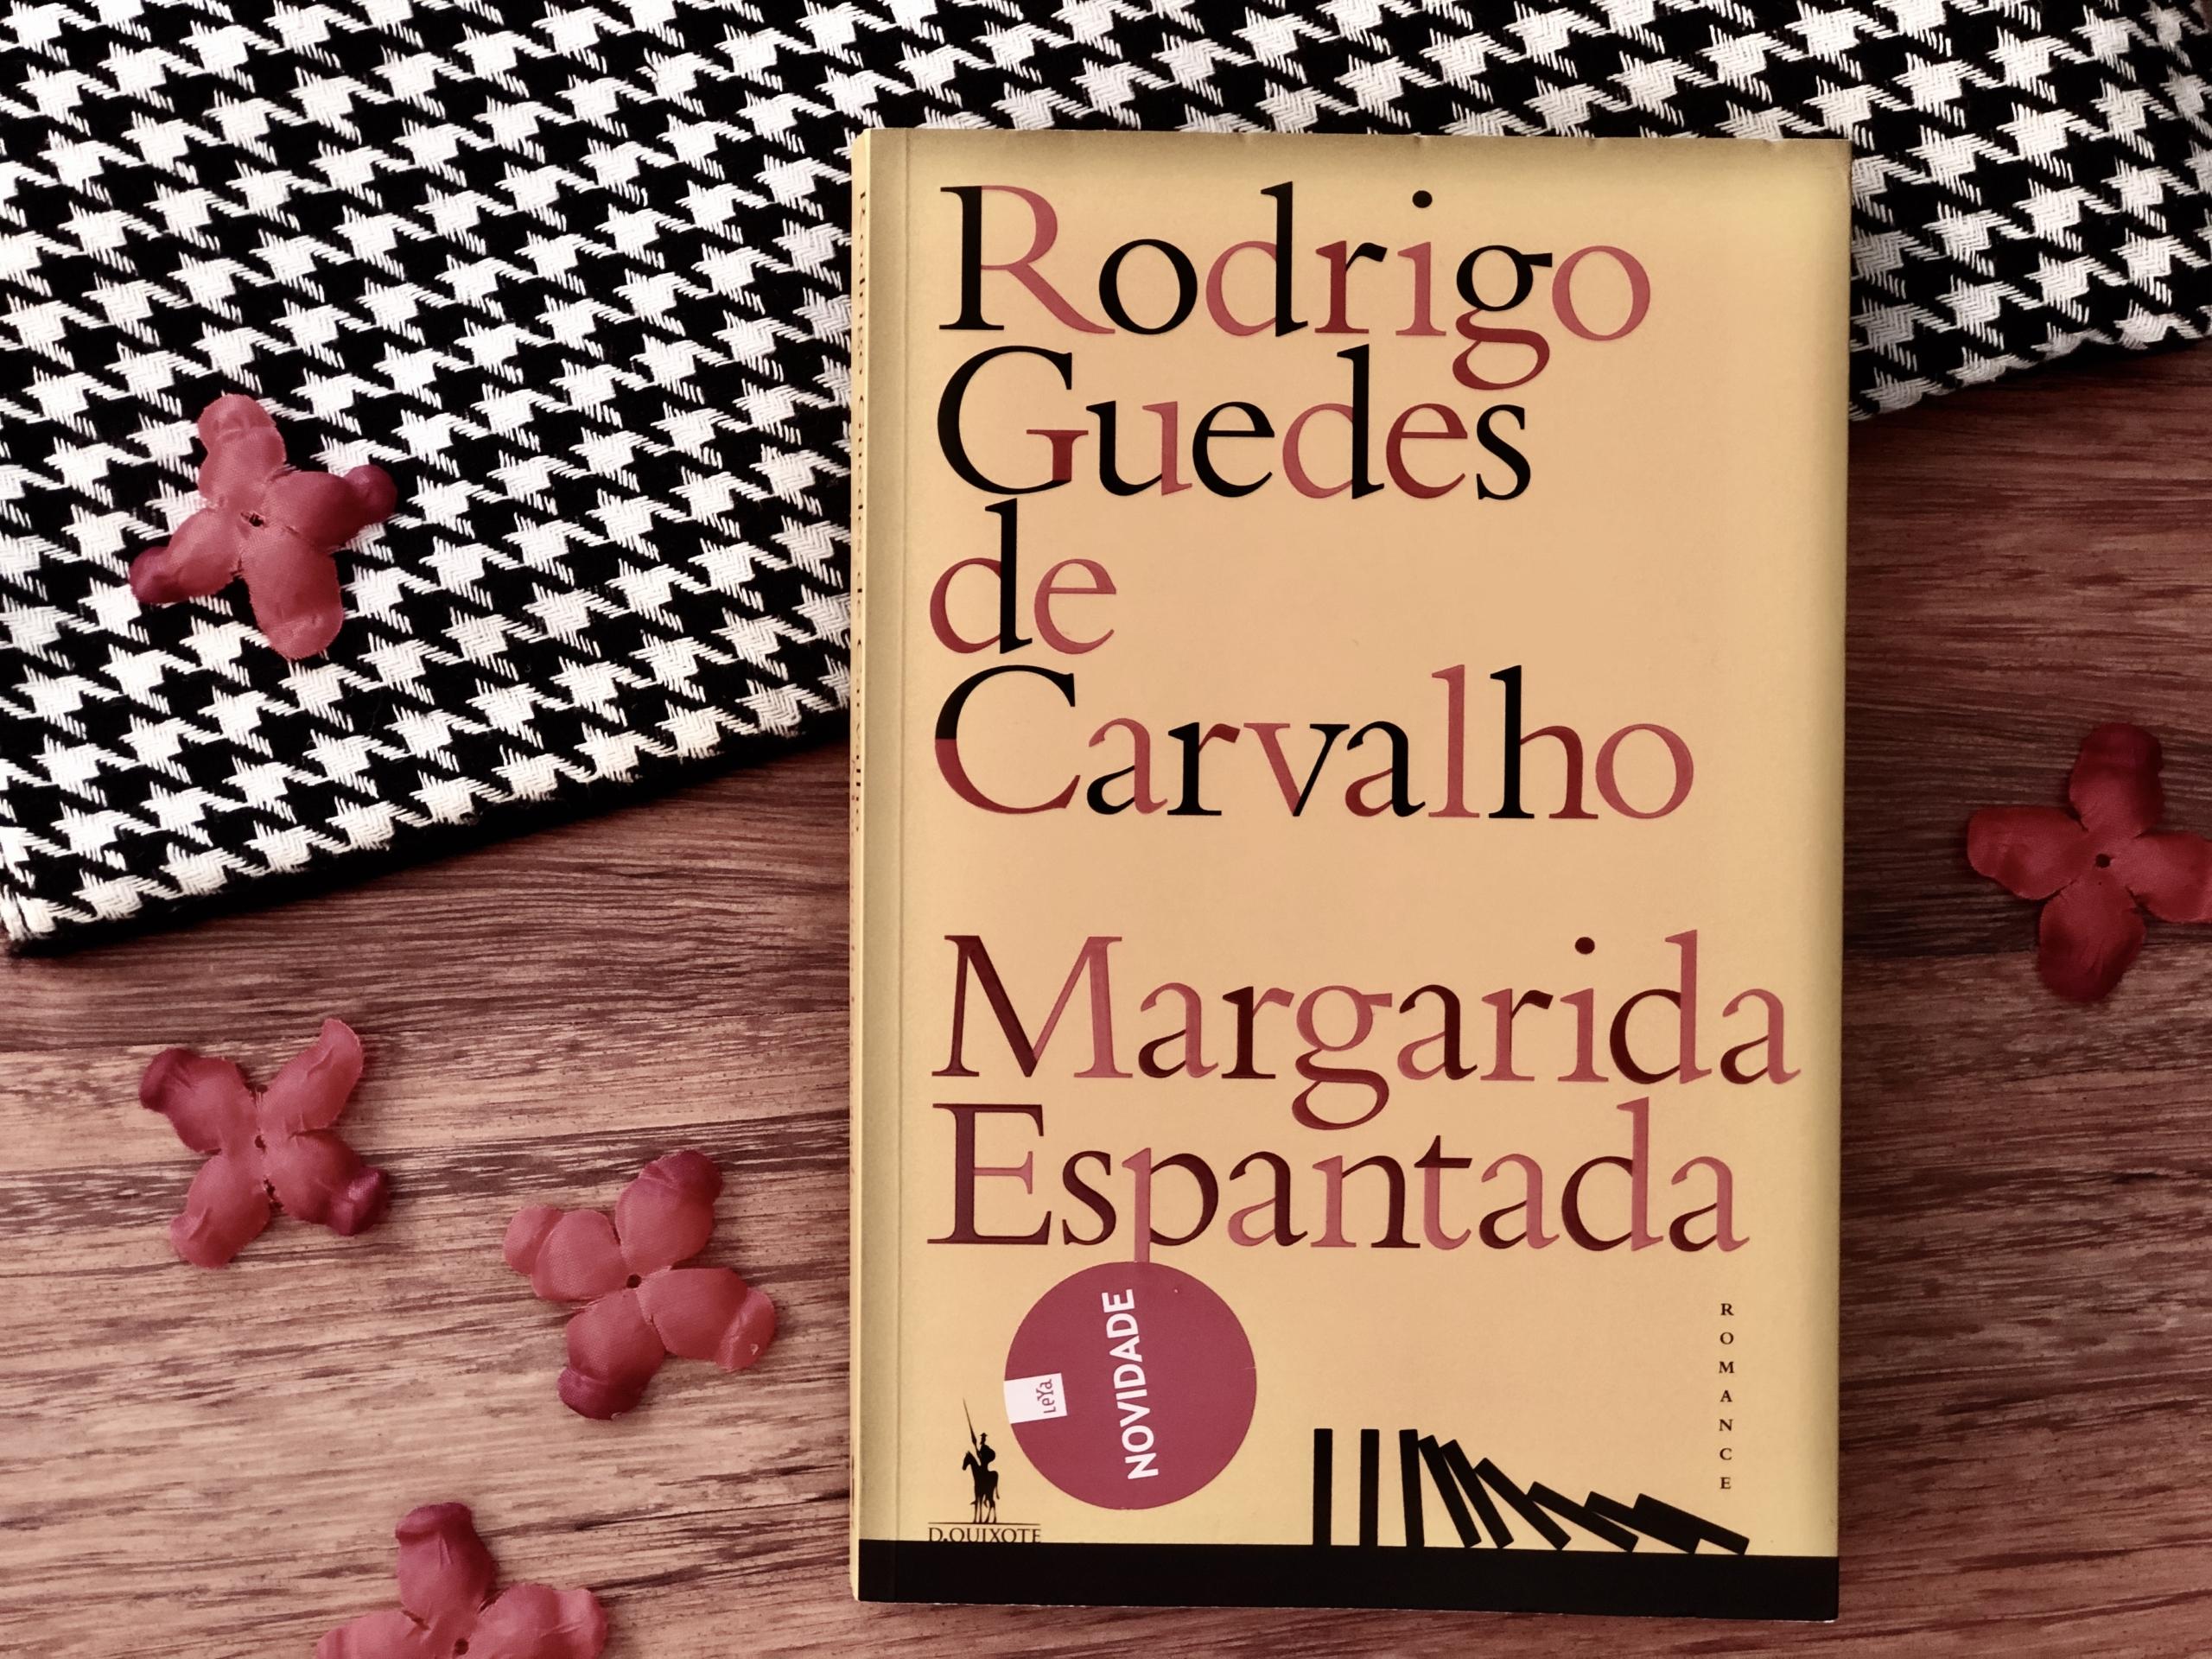 Livro Margarida Espantada de Rodrigo Guedes de Carvalho